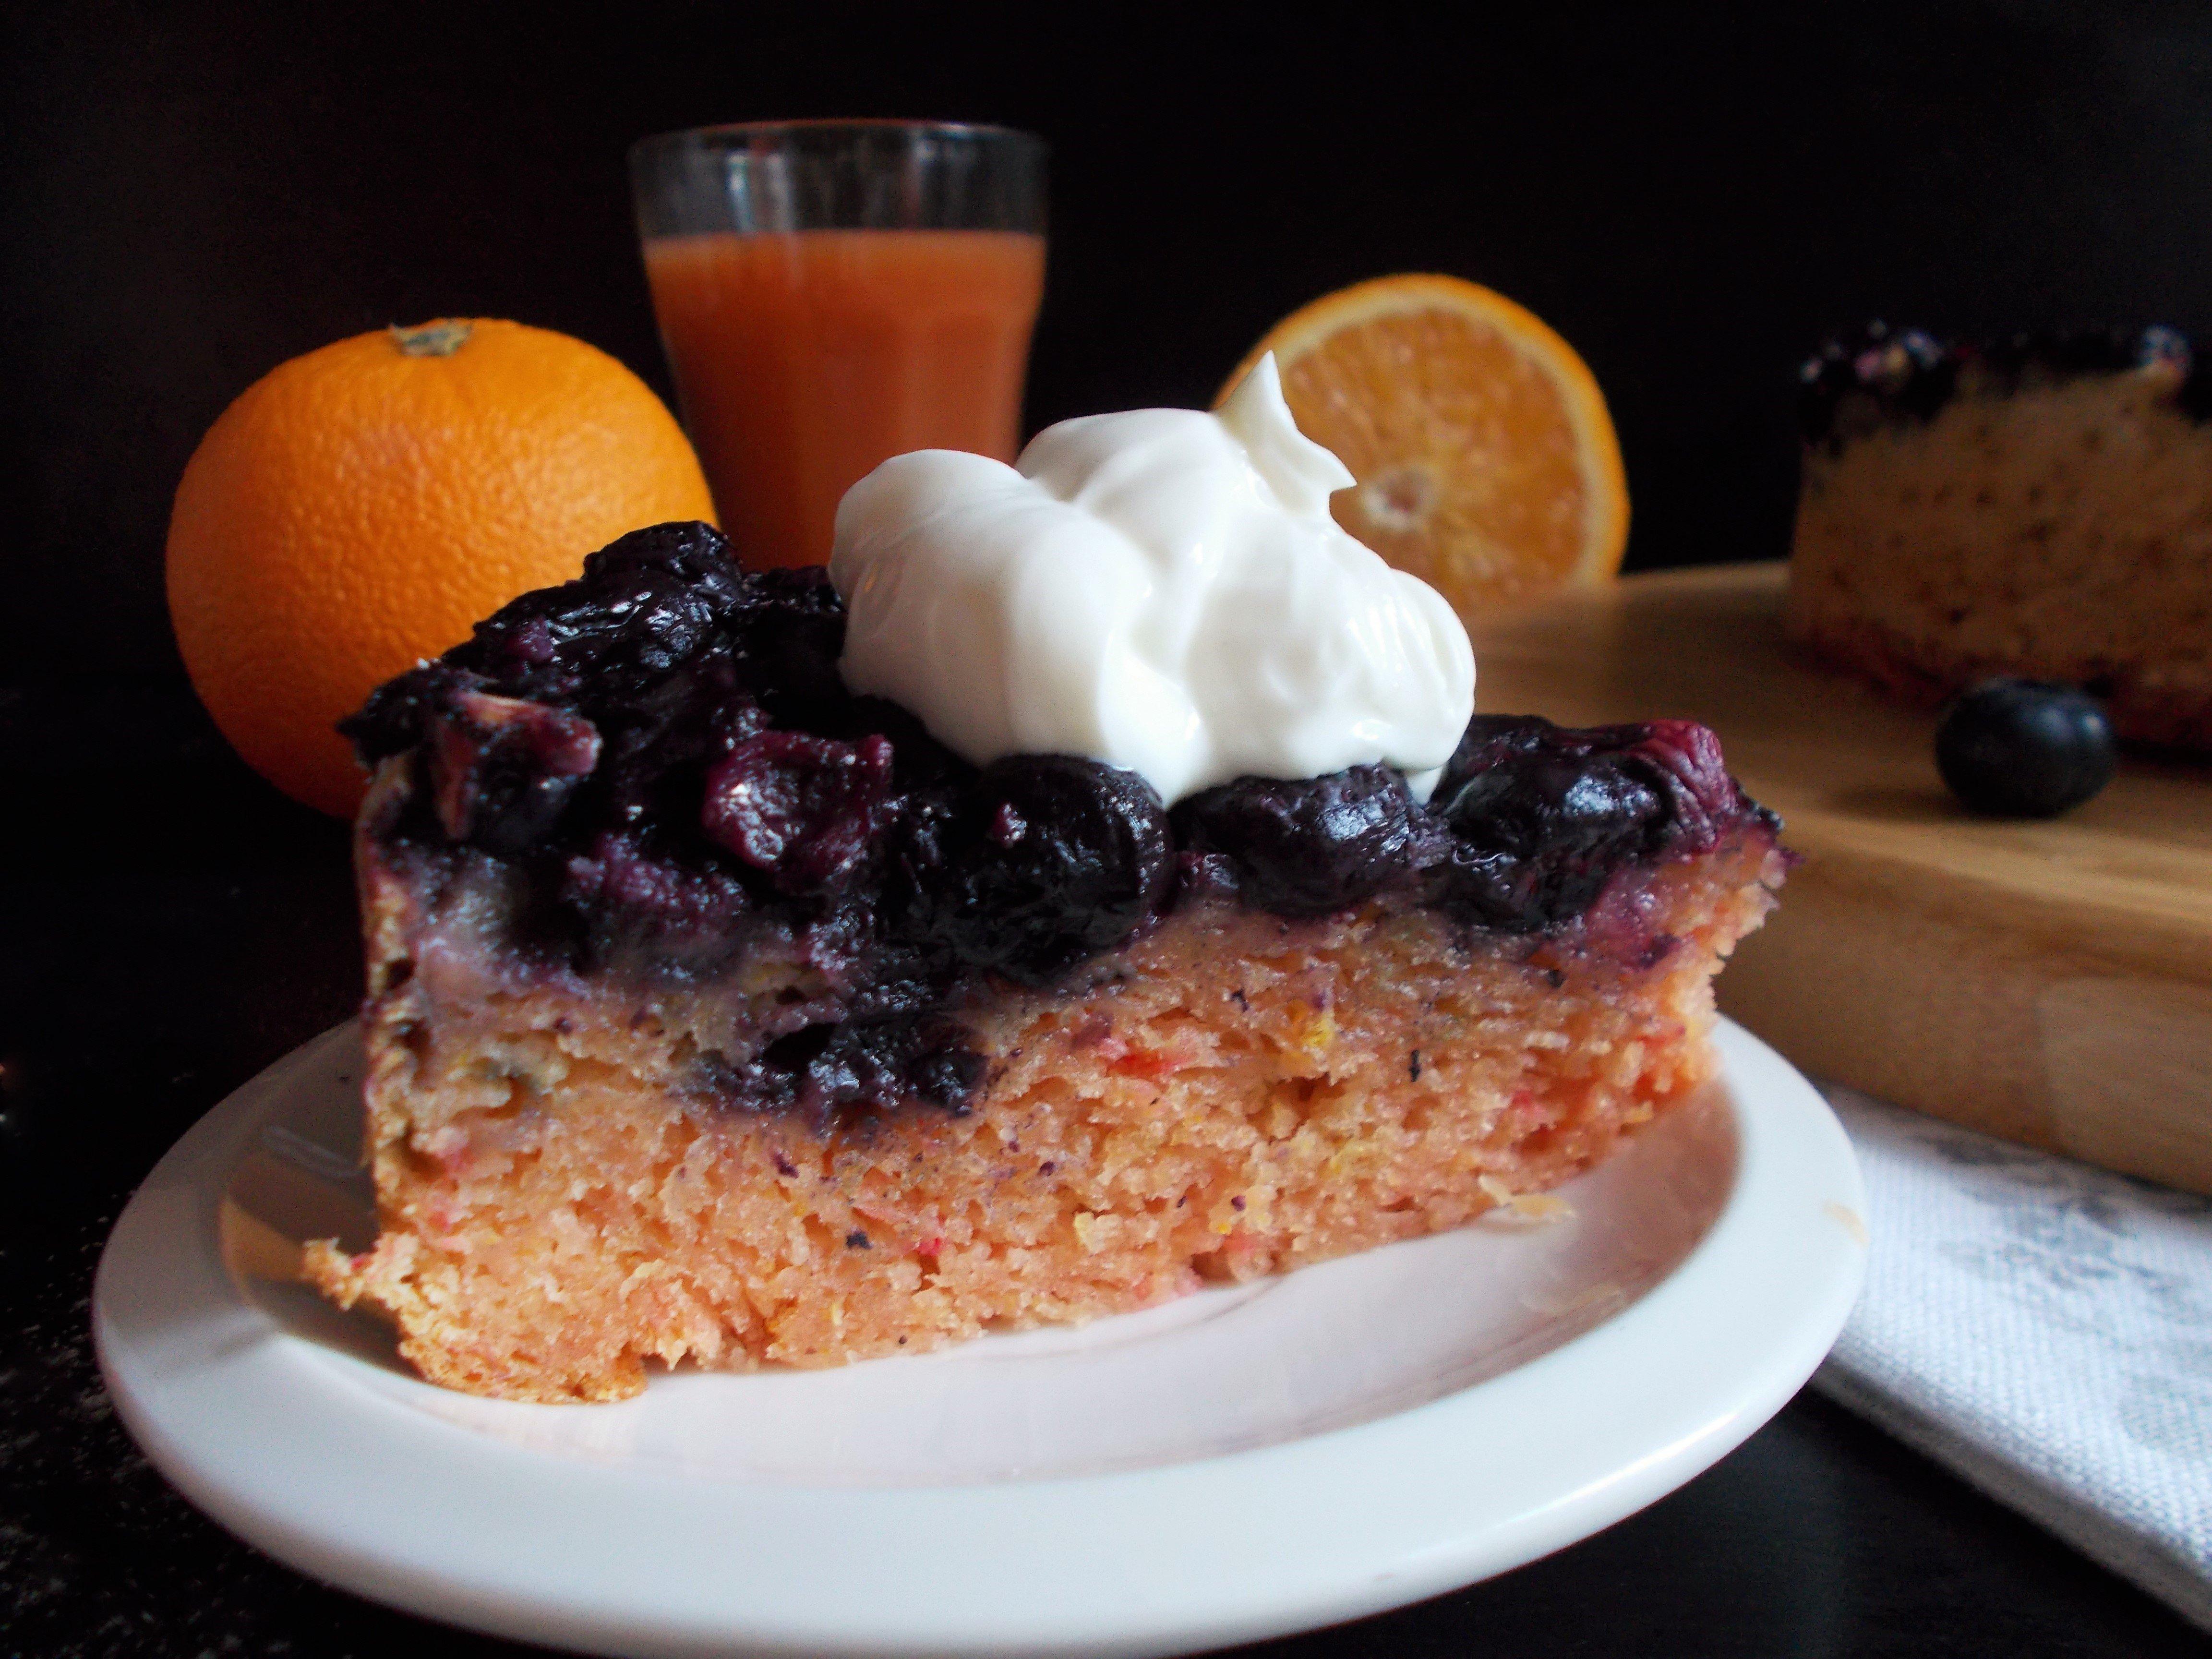 Gâteau renversé myrtille-orange sanguine